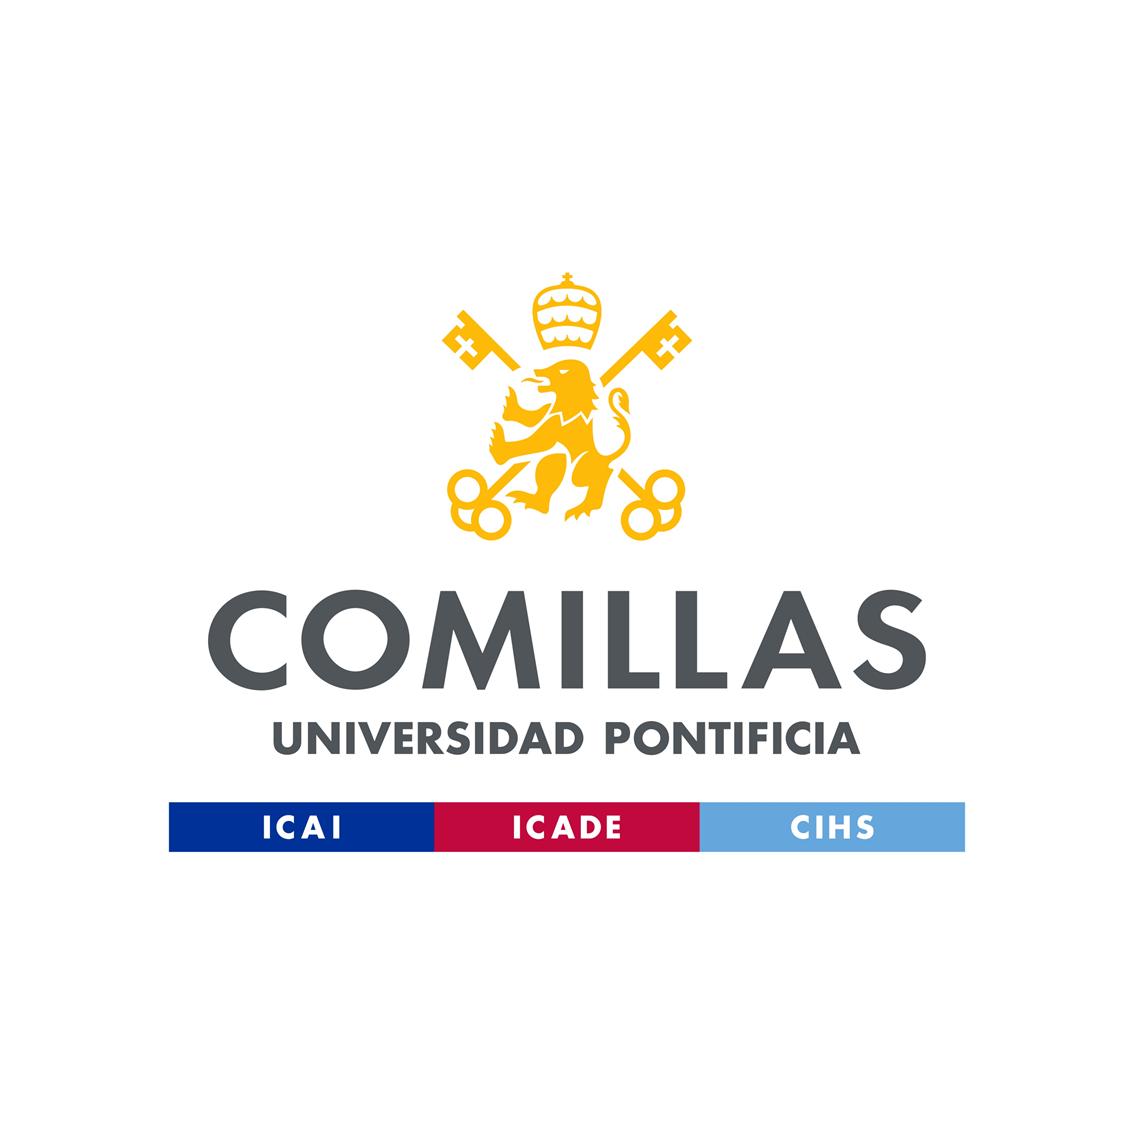 Universidad Pontifica de Comillas